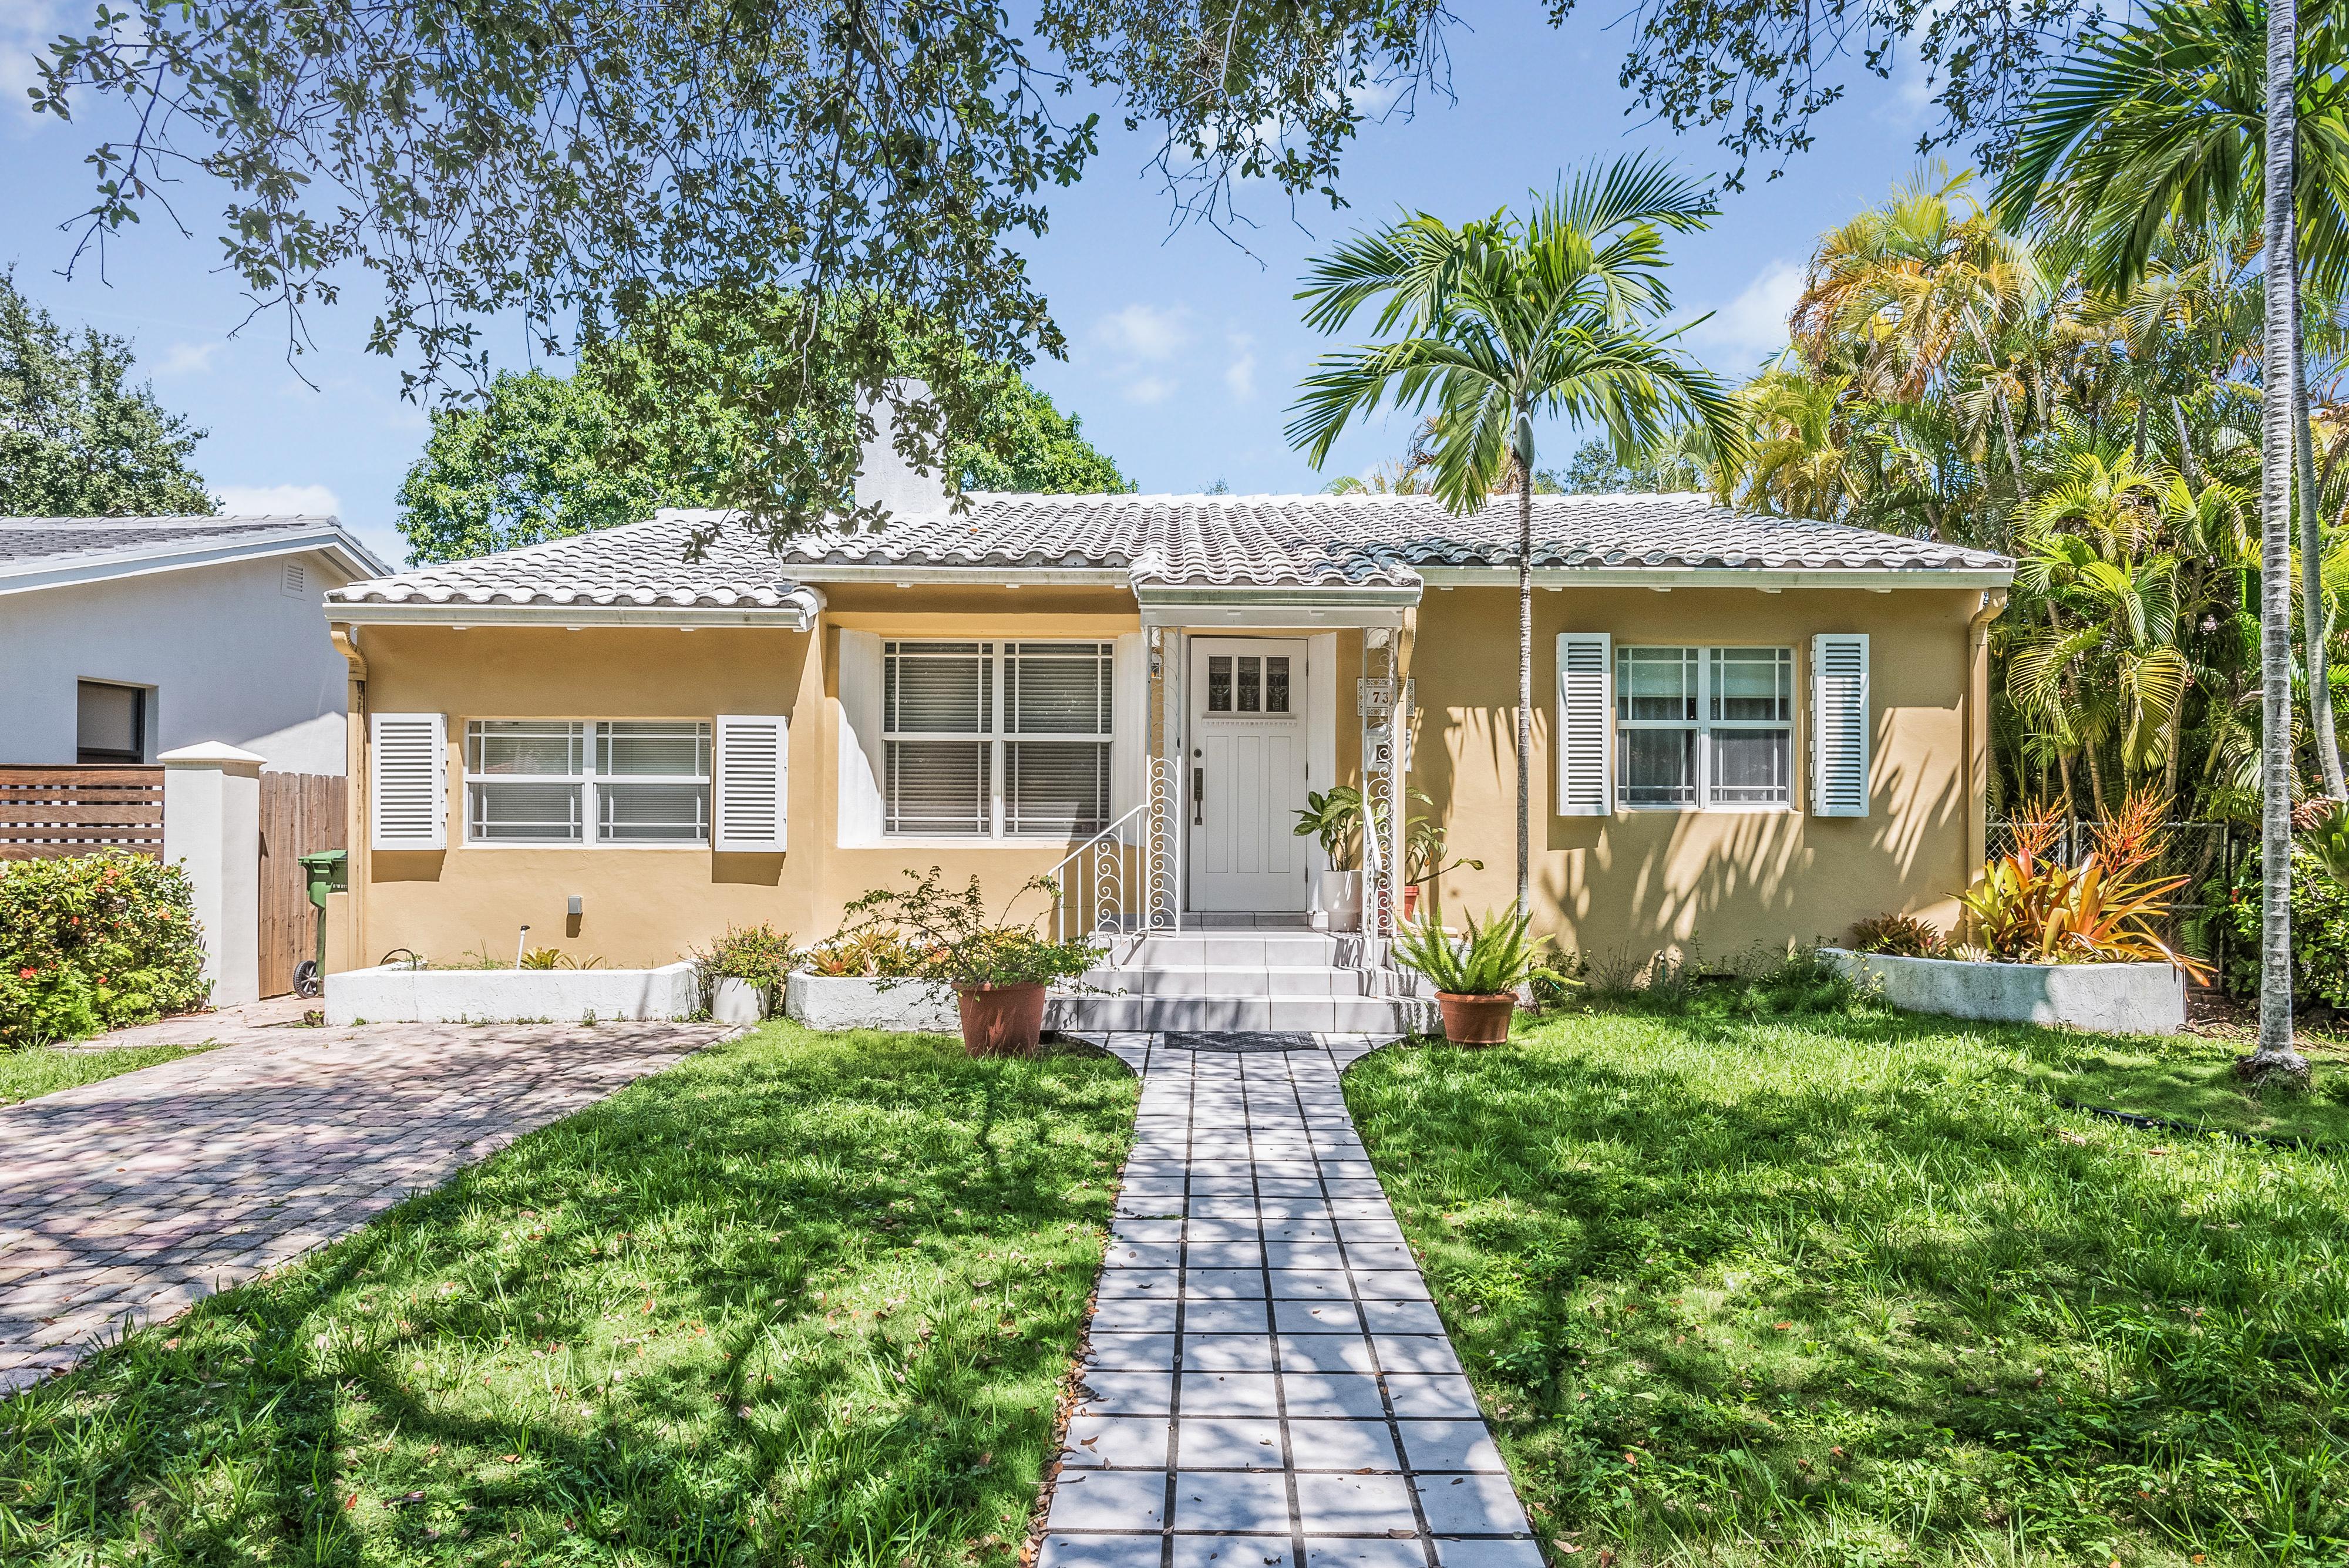 一戸建て のために 売買 アット 731 SW 28th Rd Miami, フロリダ, 33129 アメリカ合衆国